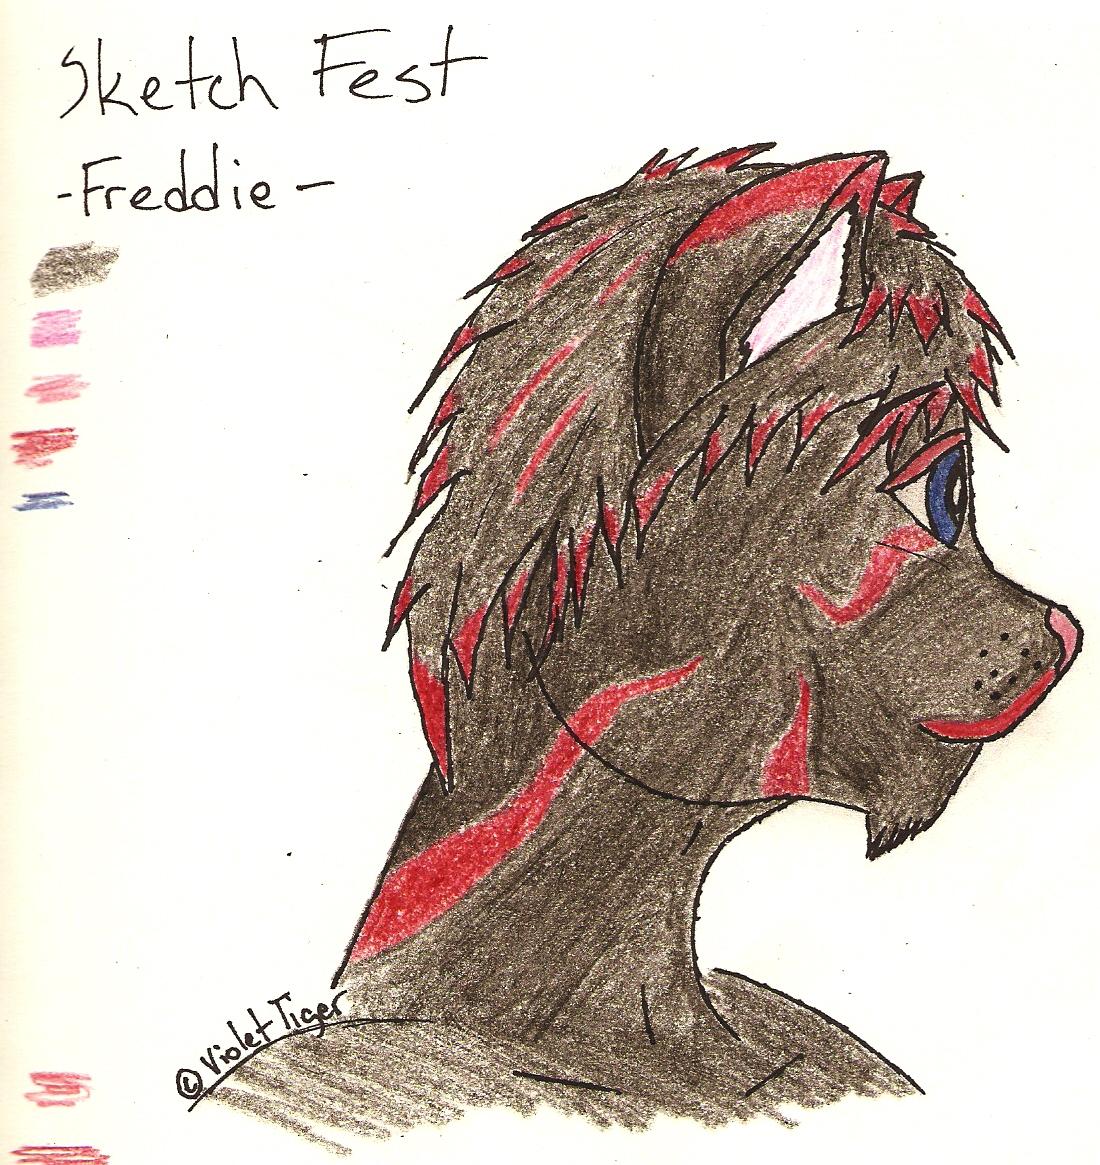 Freddie Crimson